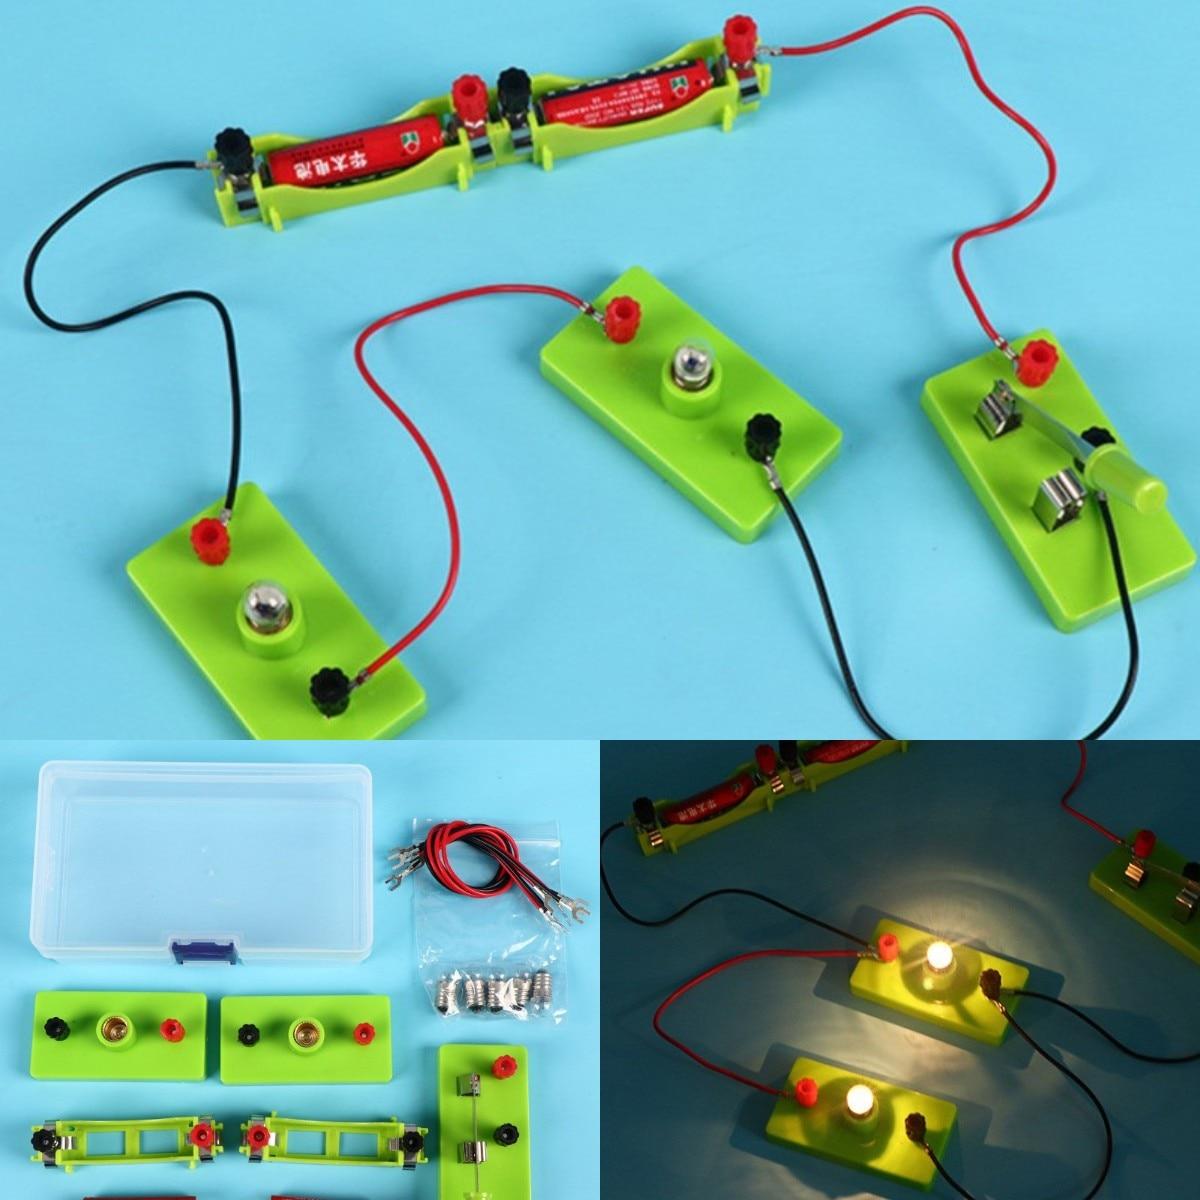 Обучающий набор «сделай сам», Базовая схема, электричество, физика, обучающие игрушки для детей, эксперимент на стебле, обучающая игрушка дл...